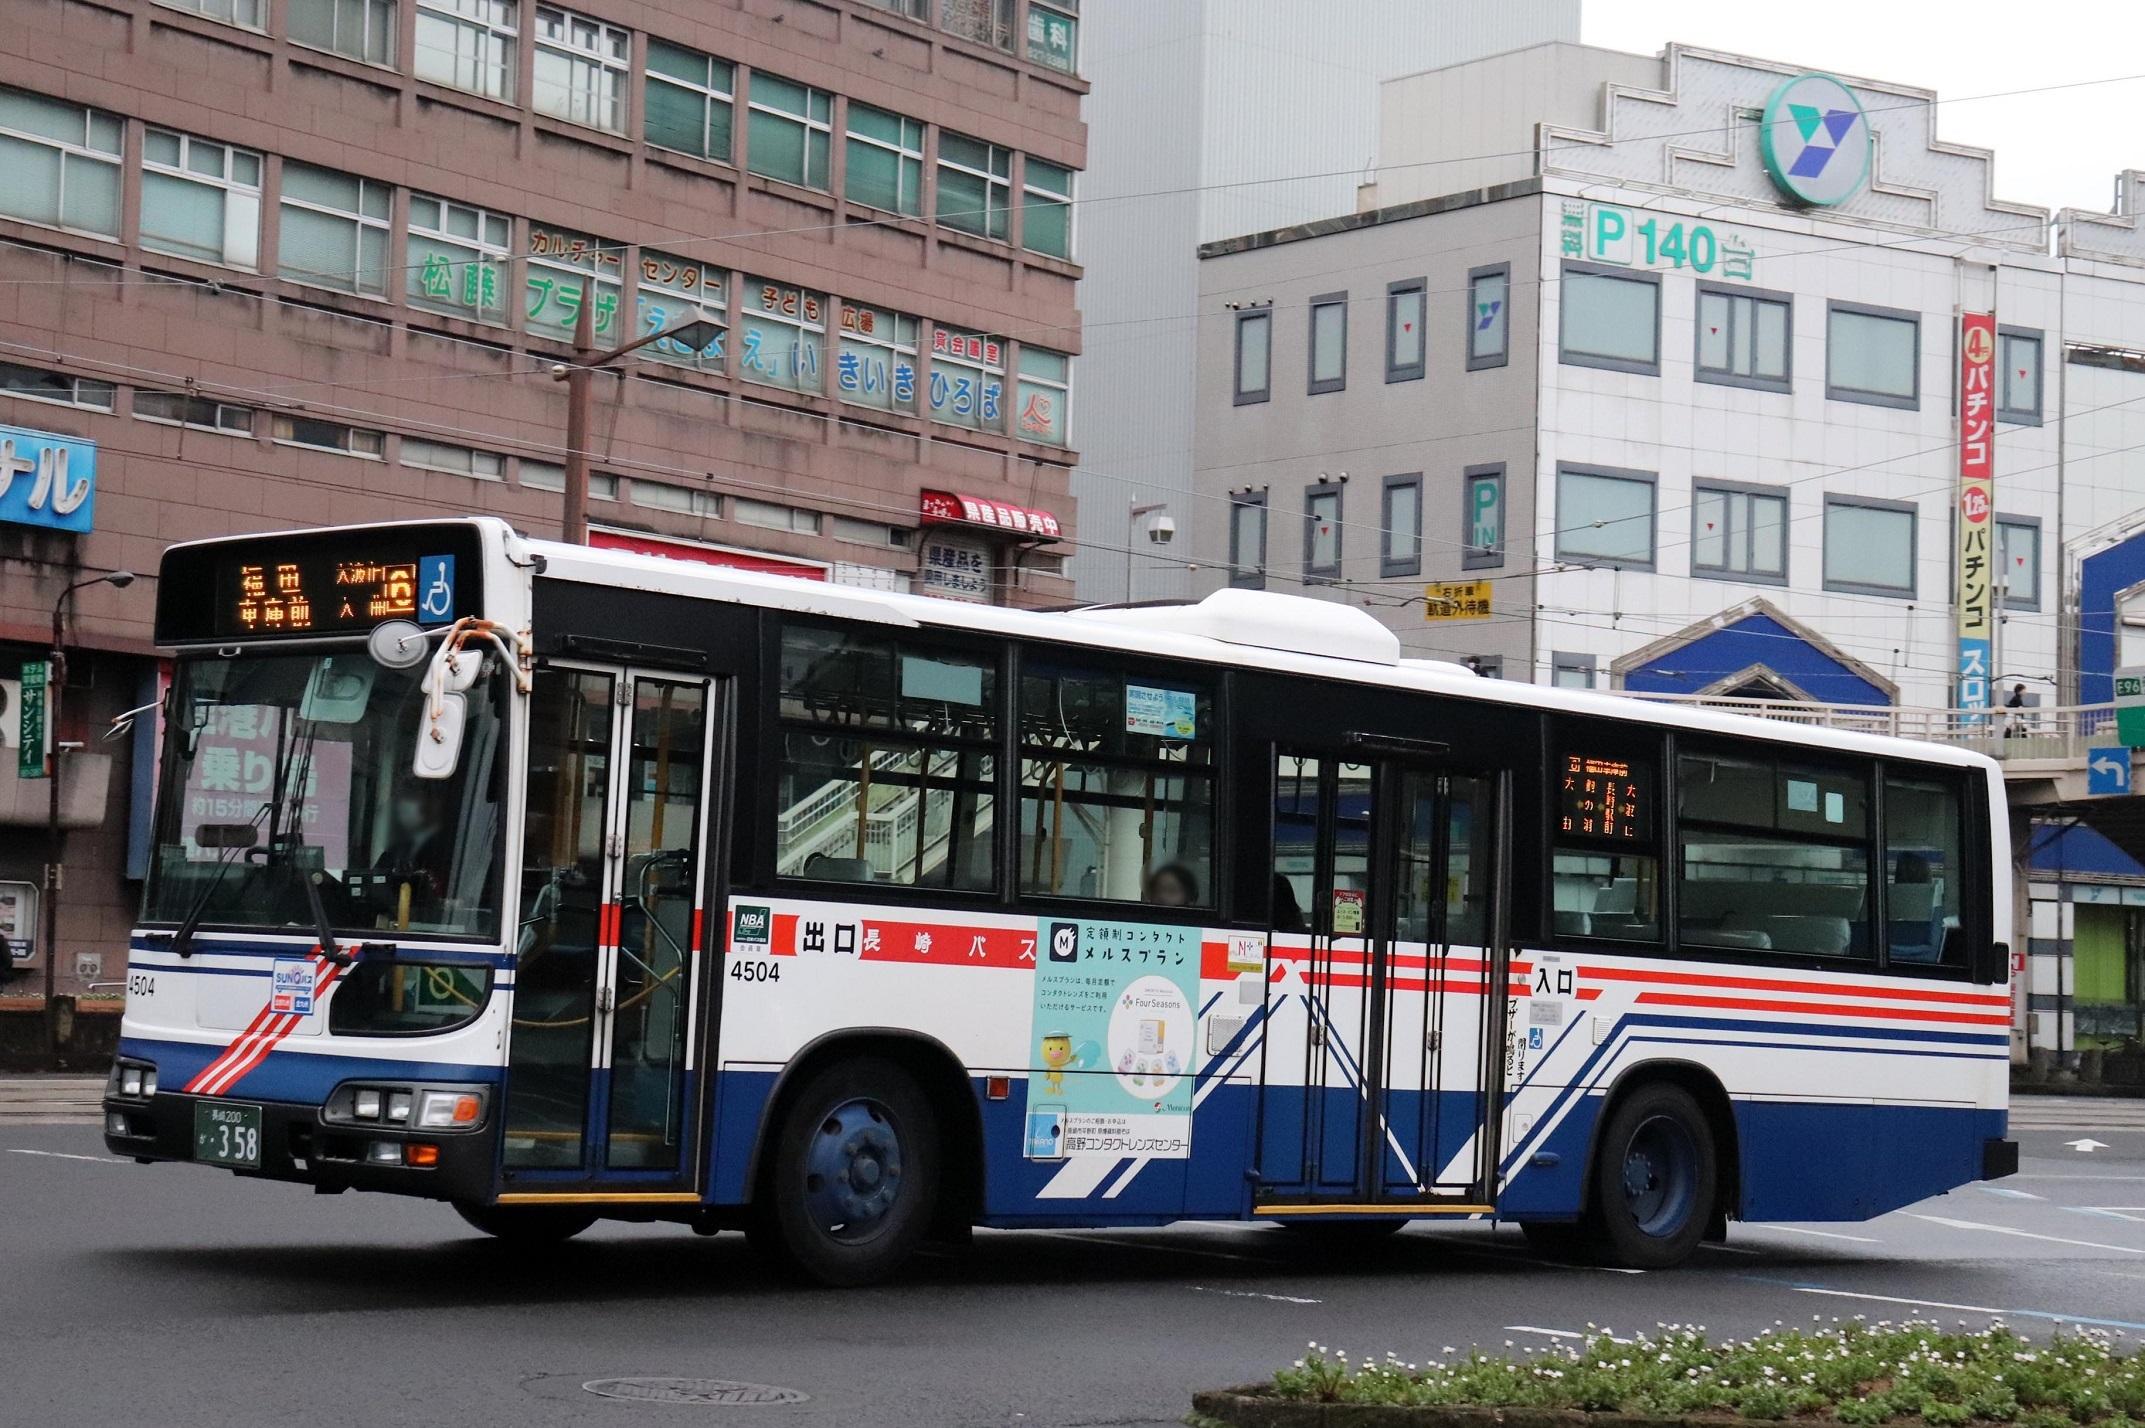 長崎自動車 4504